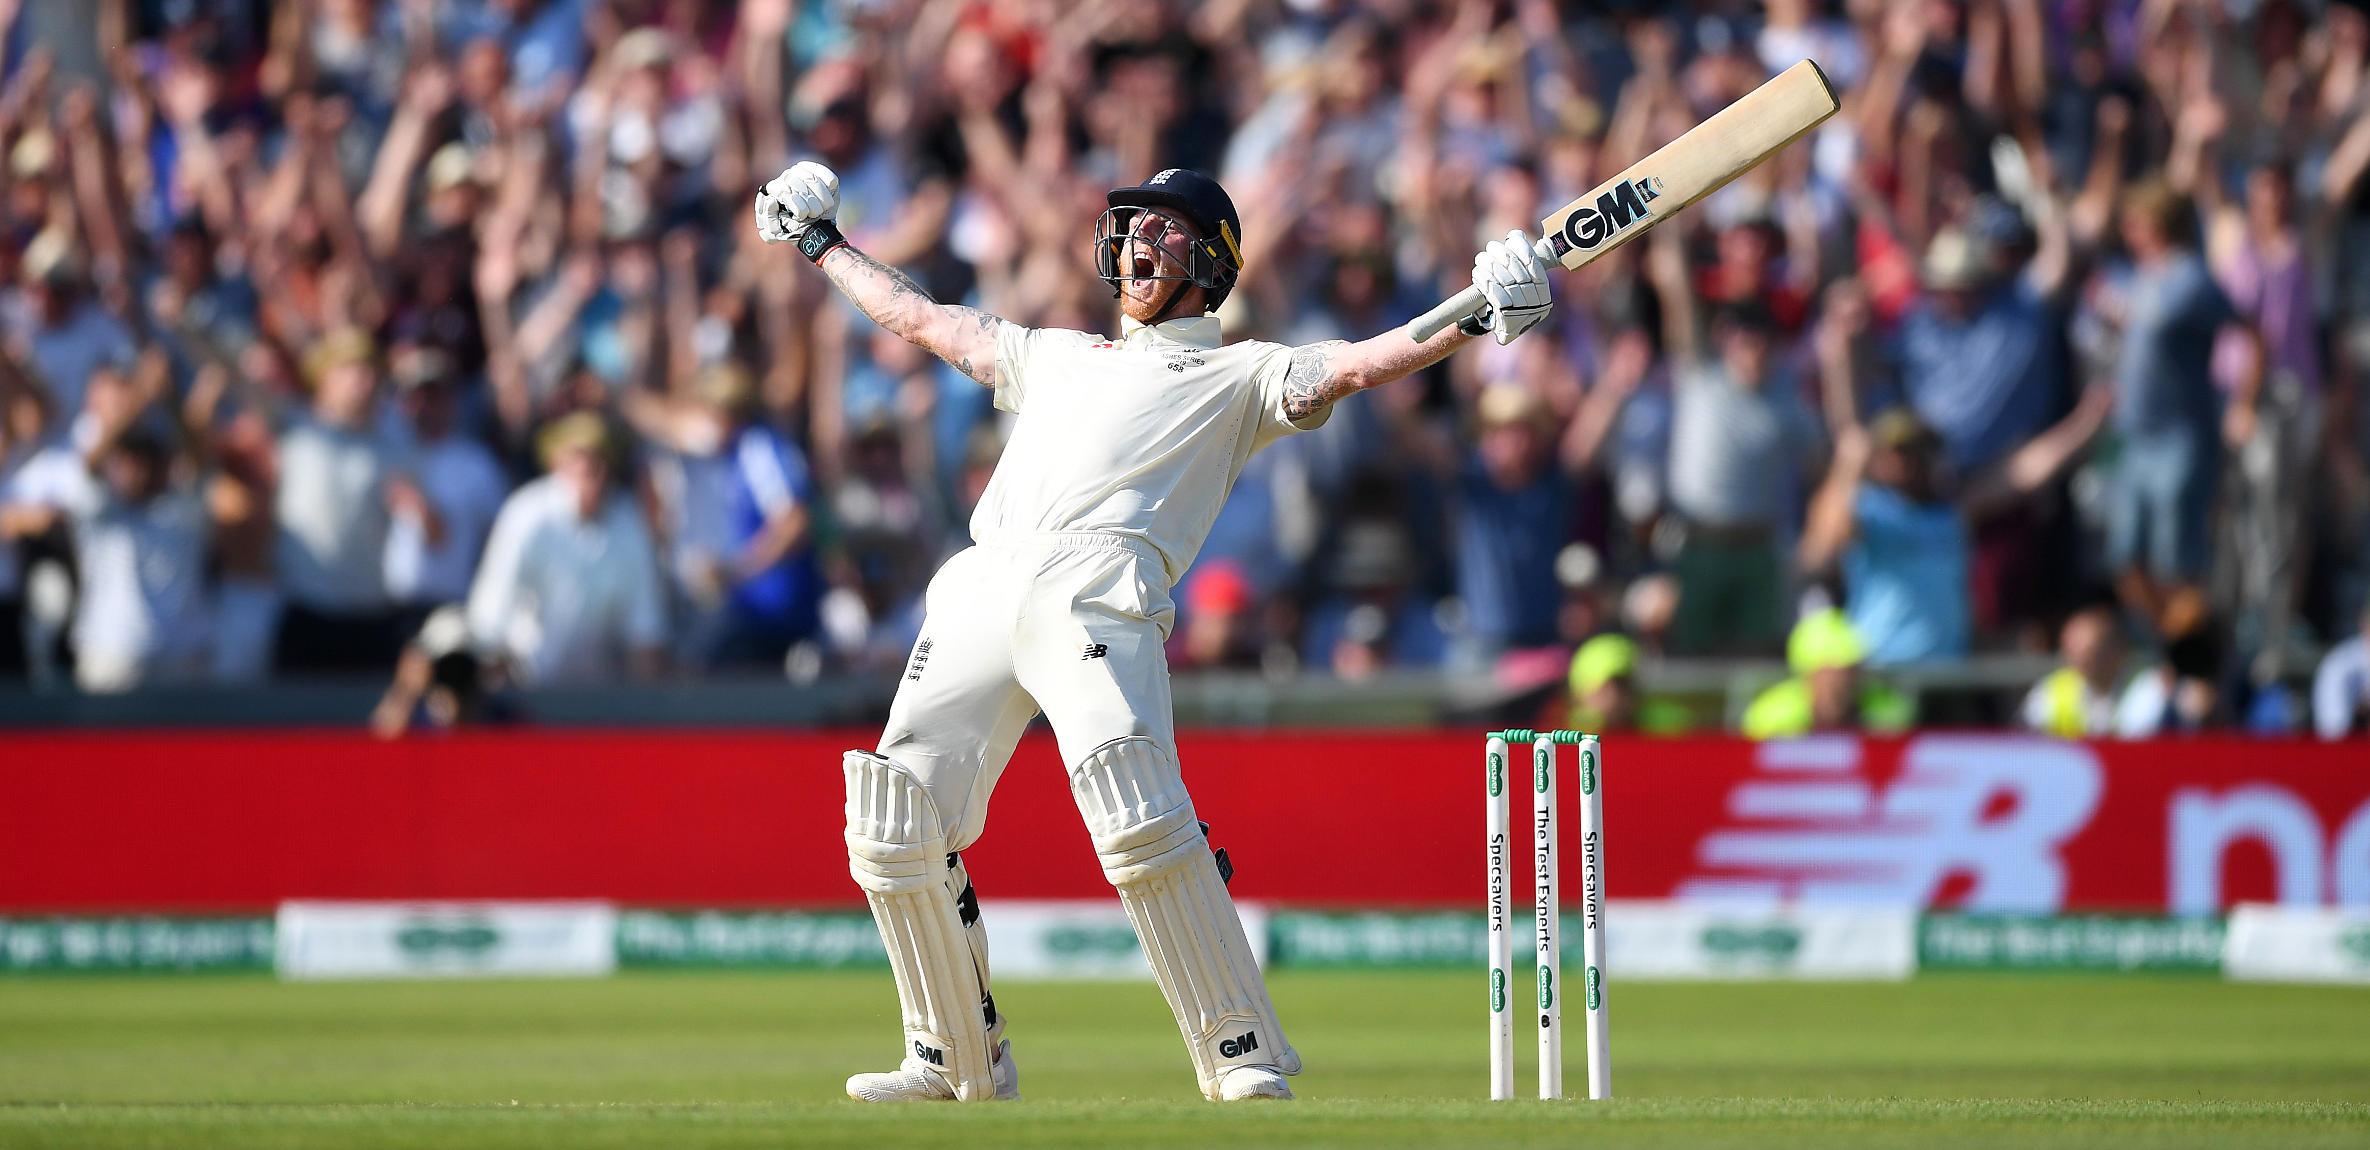 Ben Stokes celebrates winning the third Ashes Test